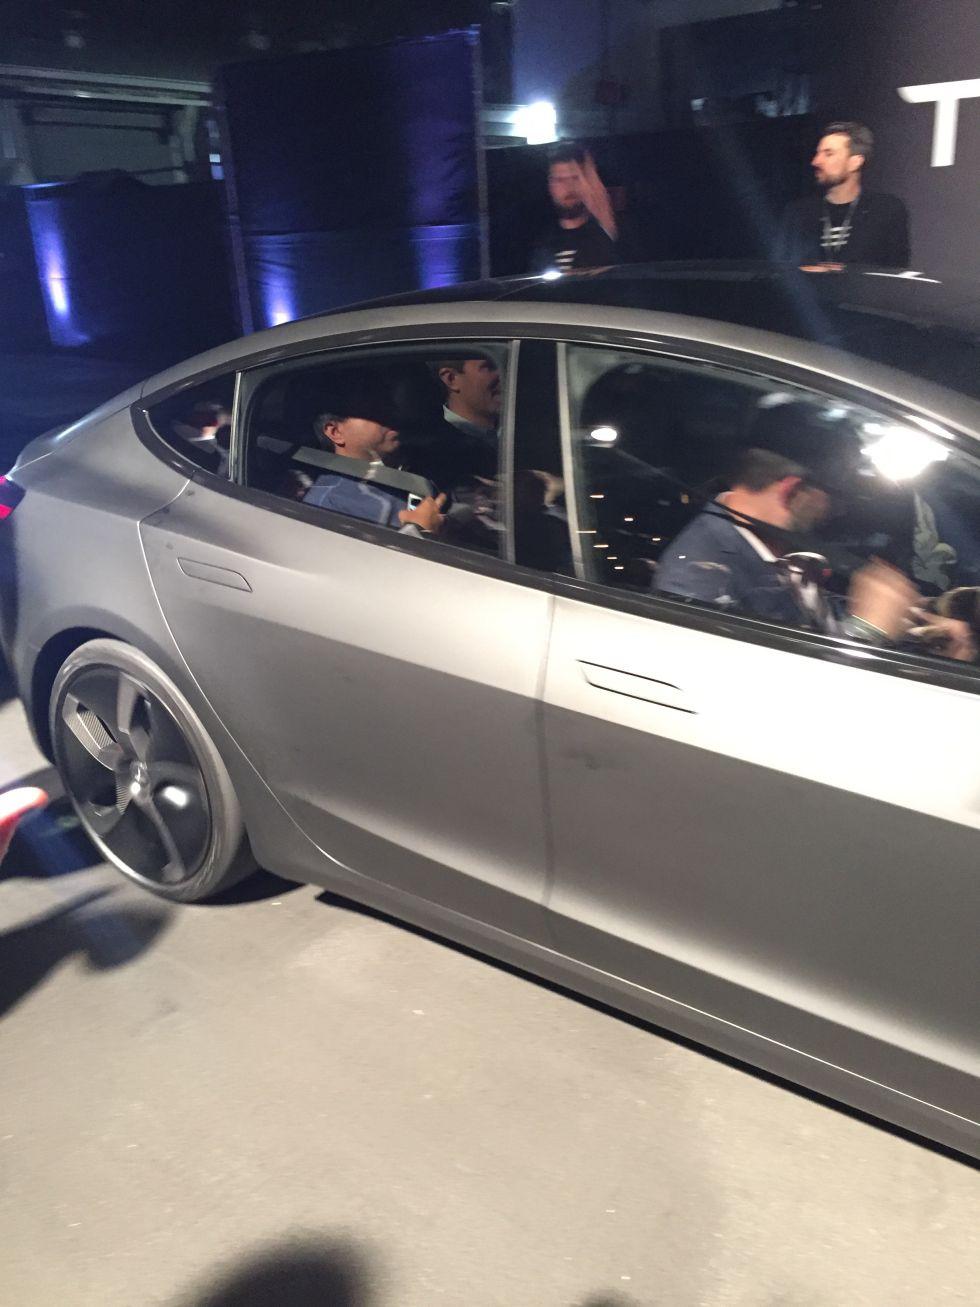 Tesla Model 3 официально представлена. Илон Маск говорит о 115 тысячах предзаказов - 4